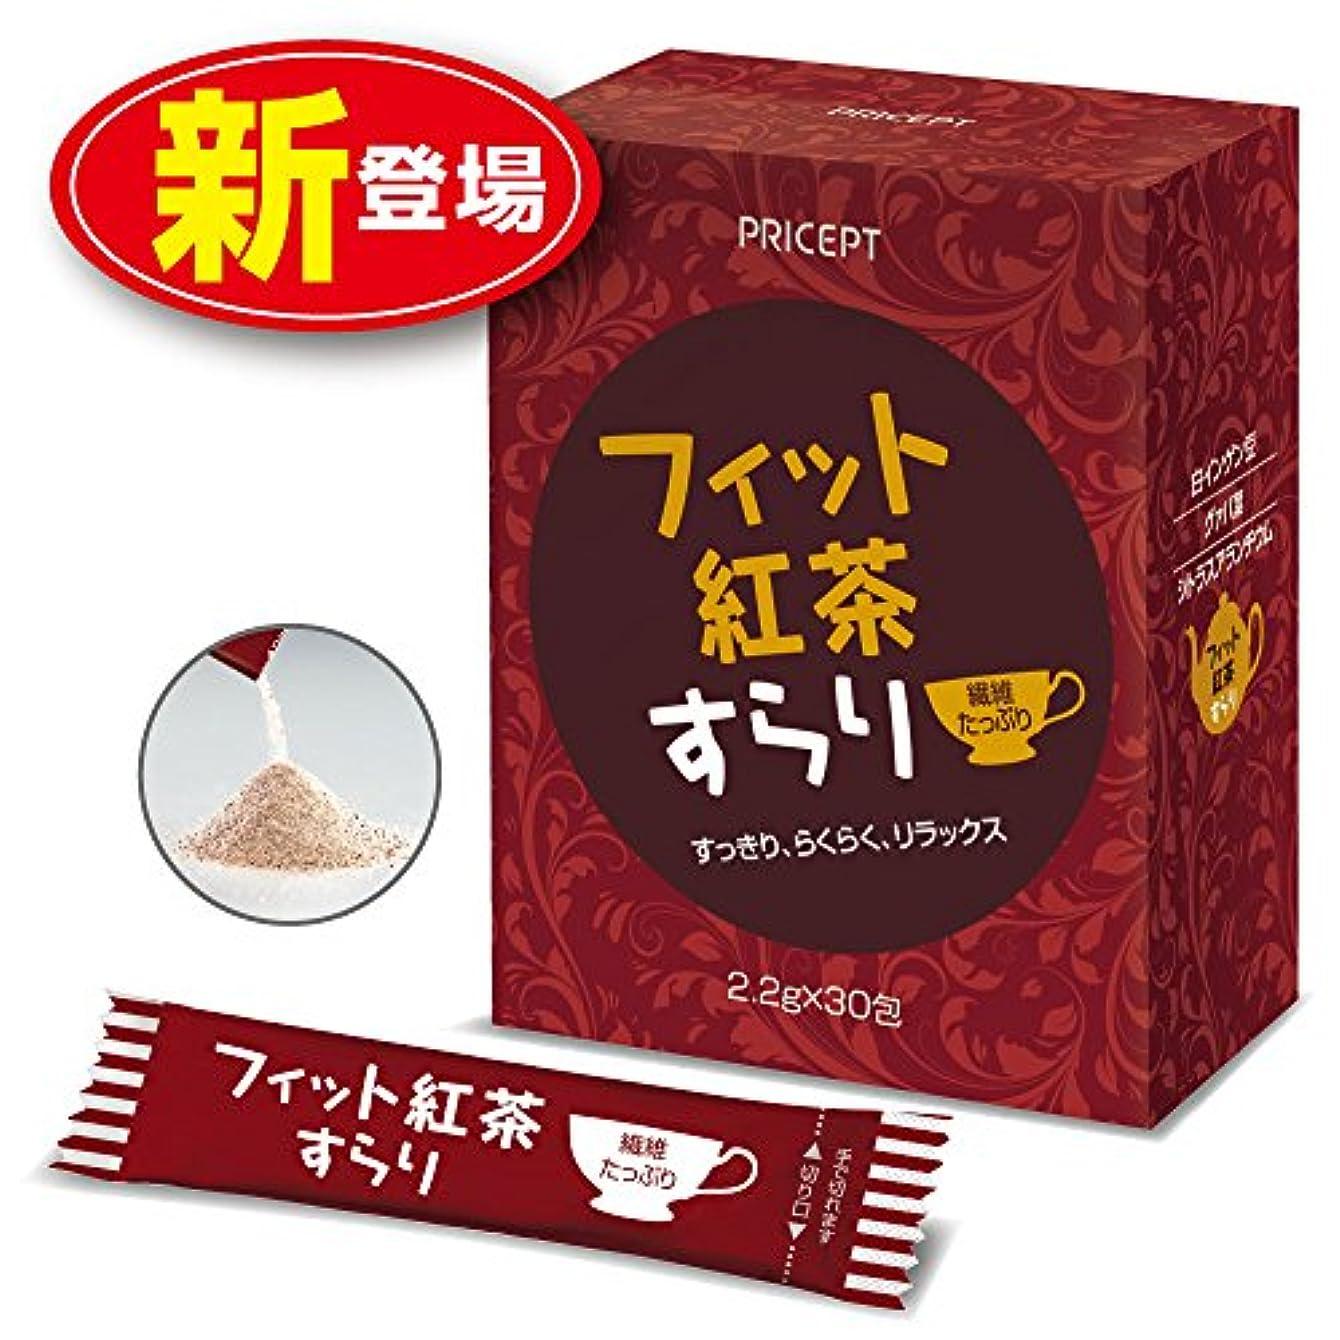 プリセプト フィット紅茶すらり(30包)【単品】(食物繊維配合ダイエットサポート紅茶)